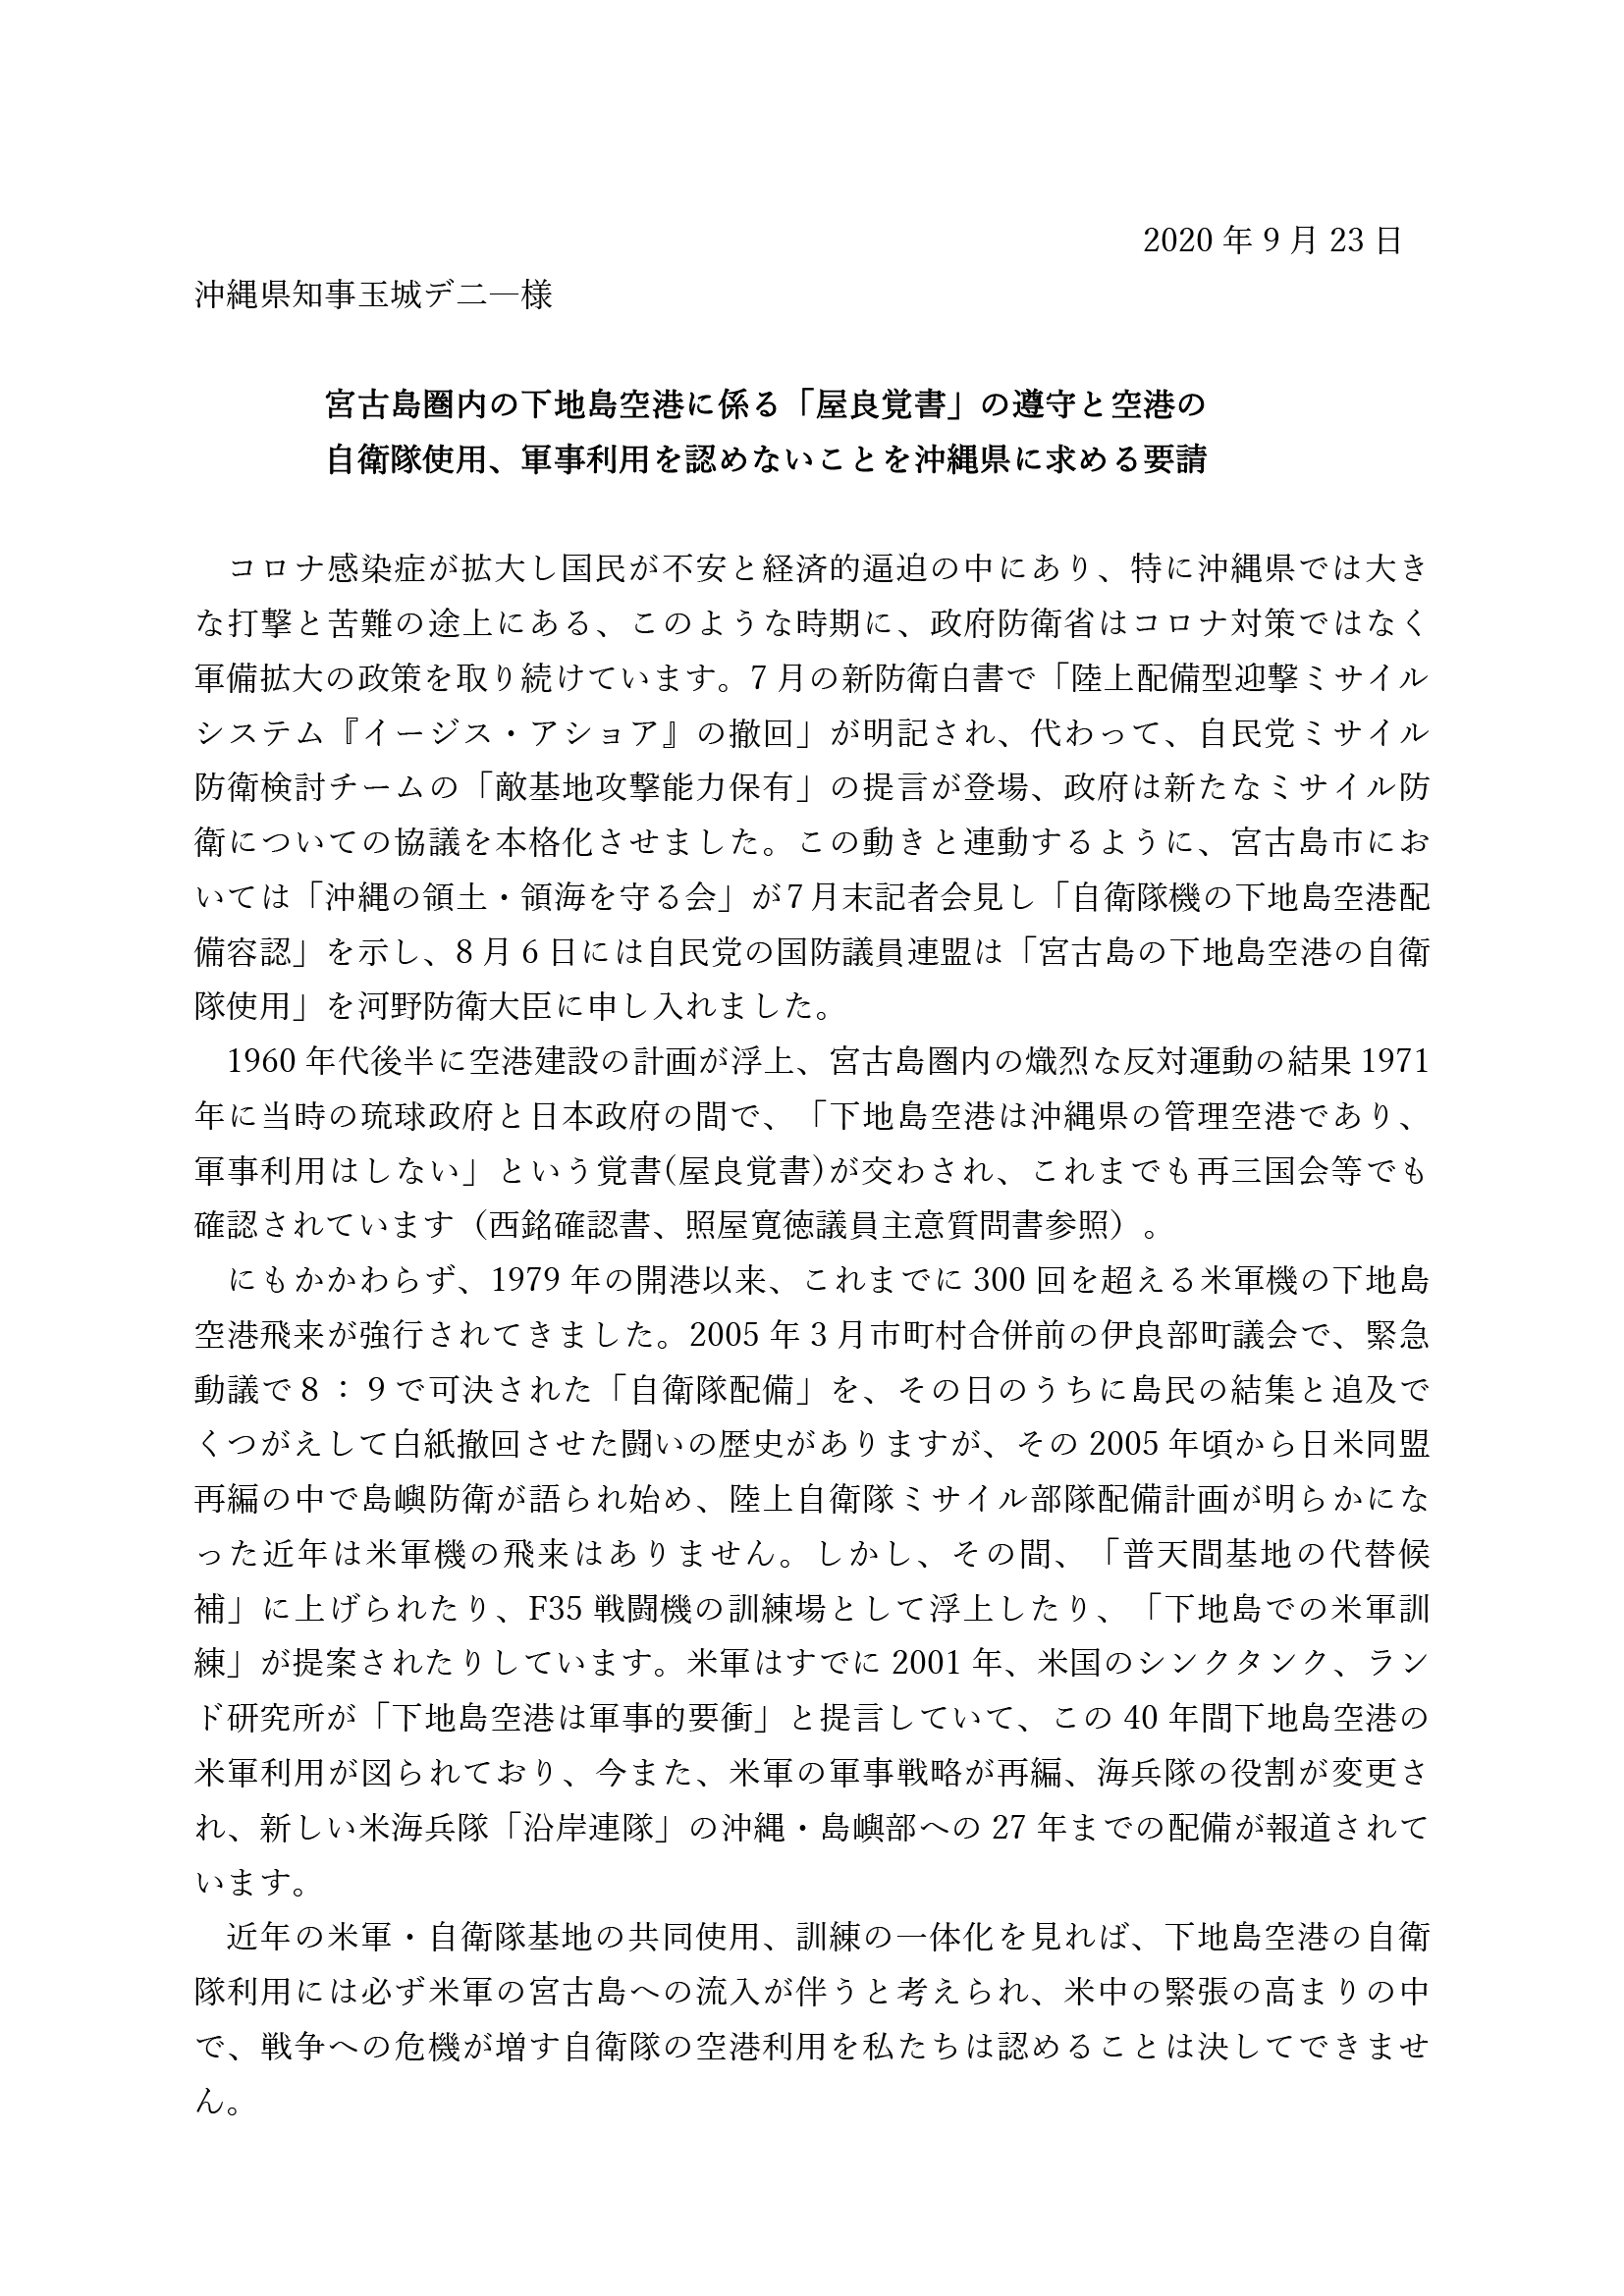 知事要請文200923用01